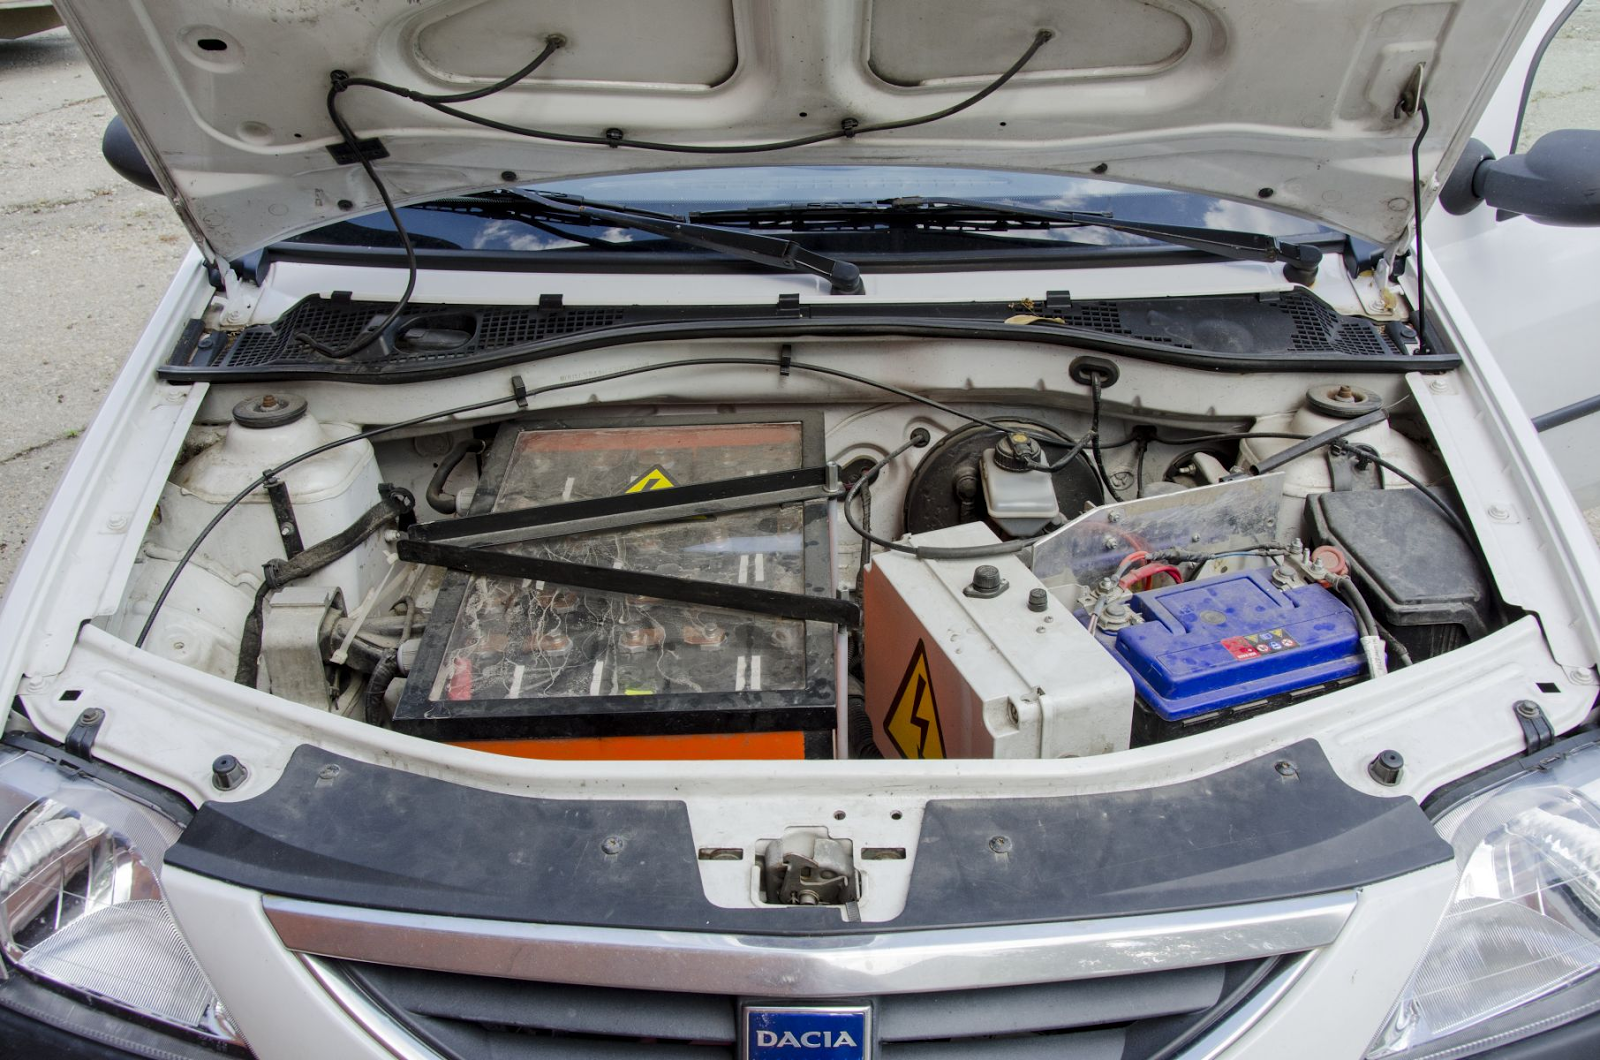 Умелец из Франции создал собственный электромобиль на базе Dacia Logan - 2